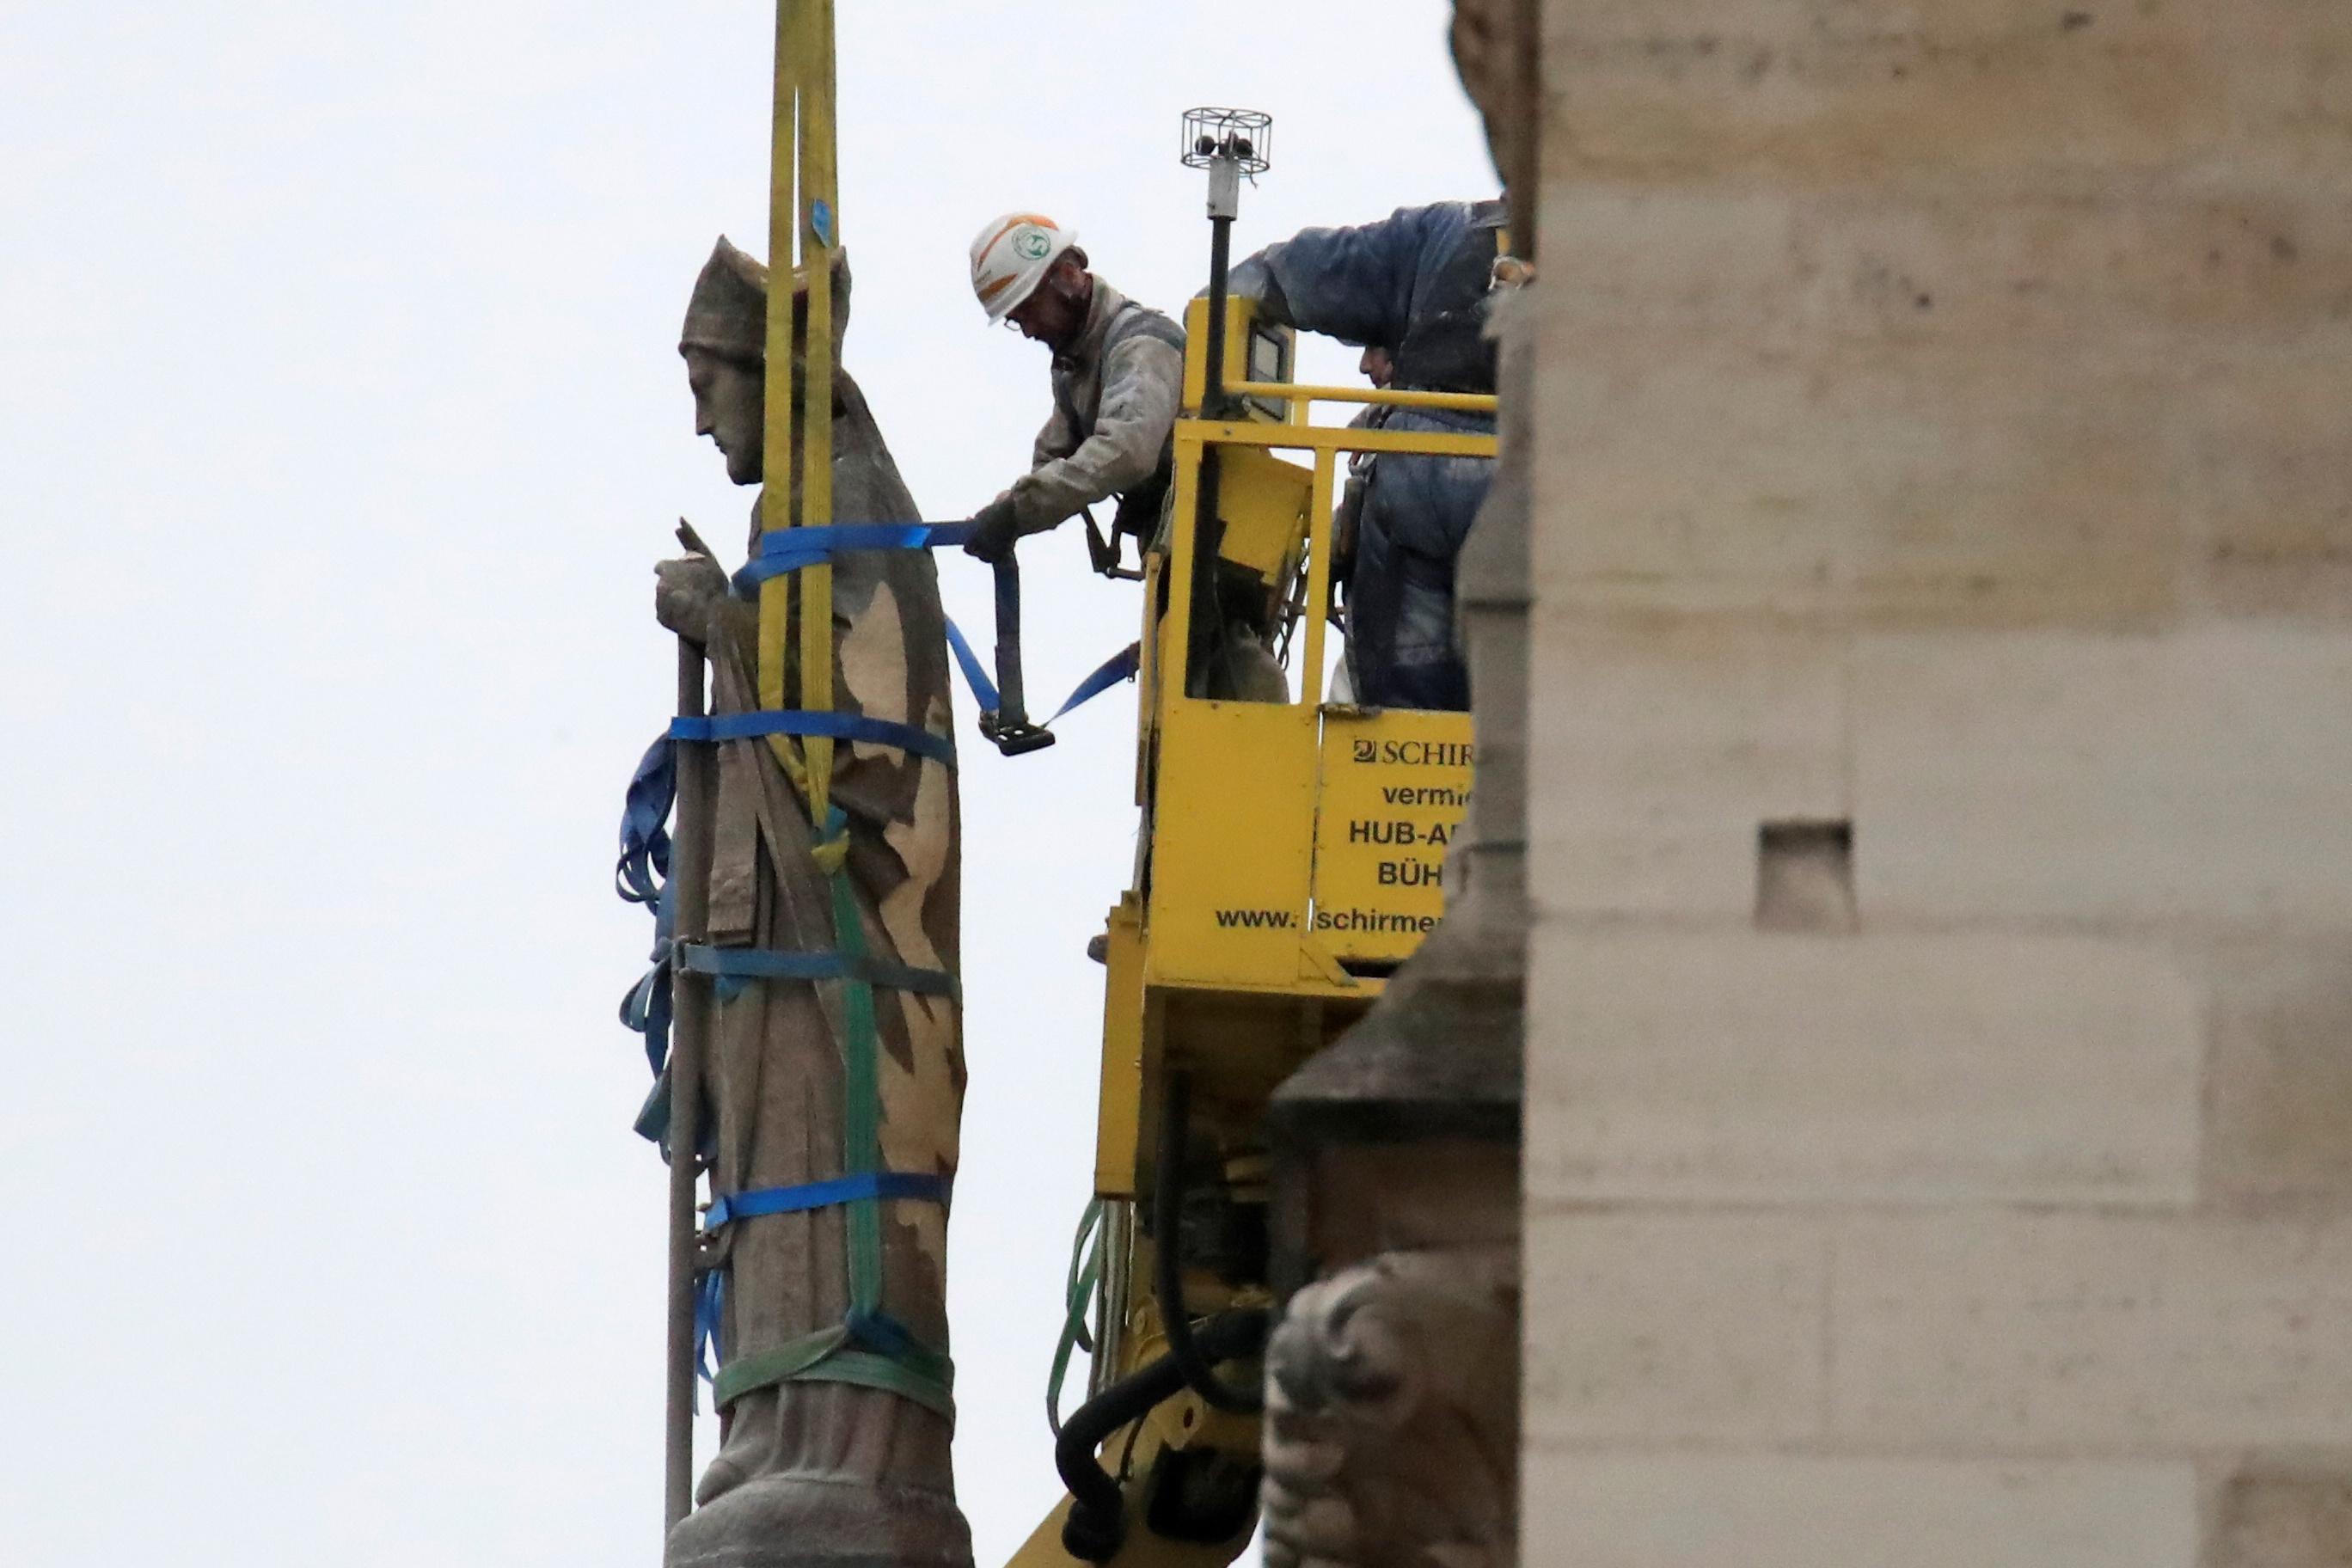 بداية نقل  نفائس الكاتدرائية لمتحف اللوفر (1)